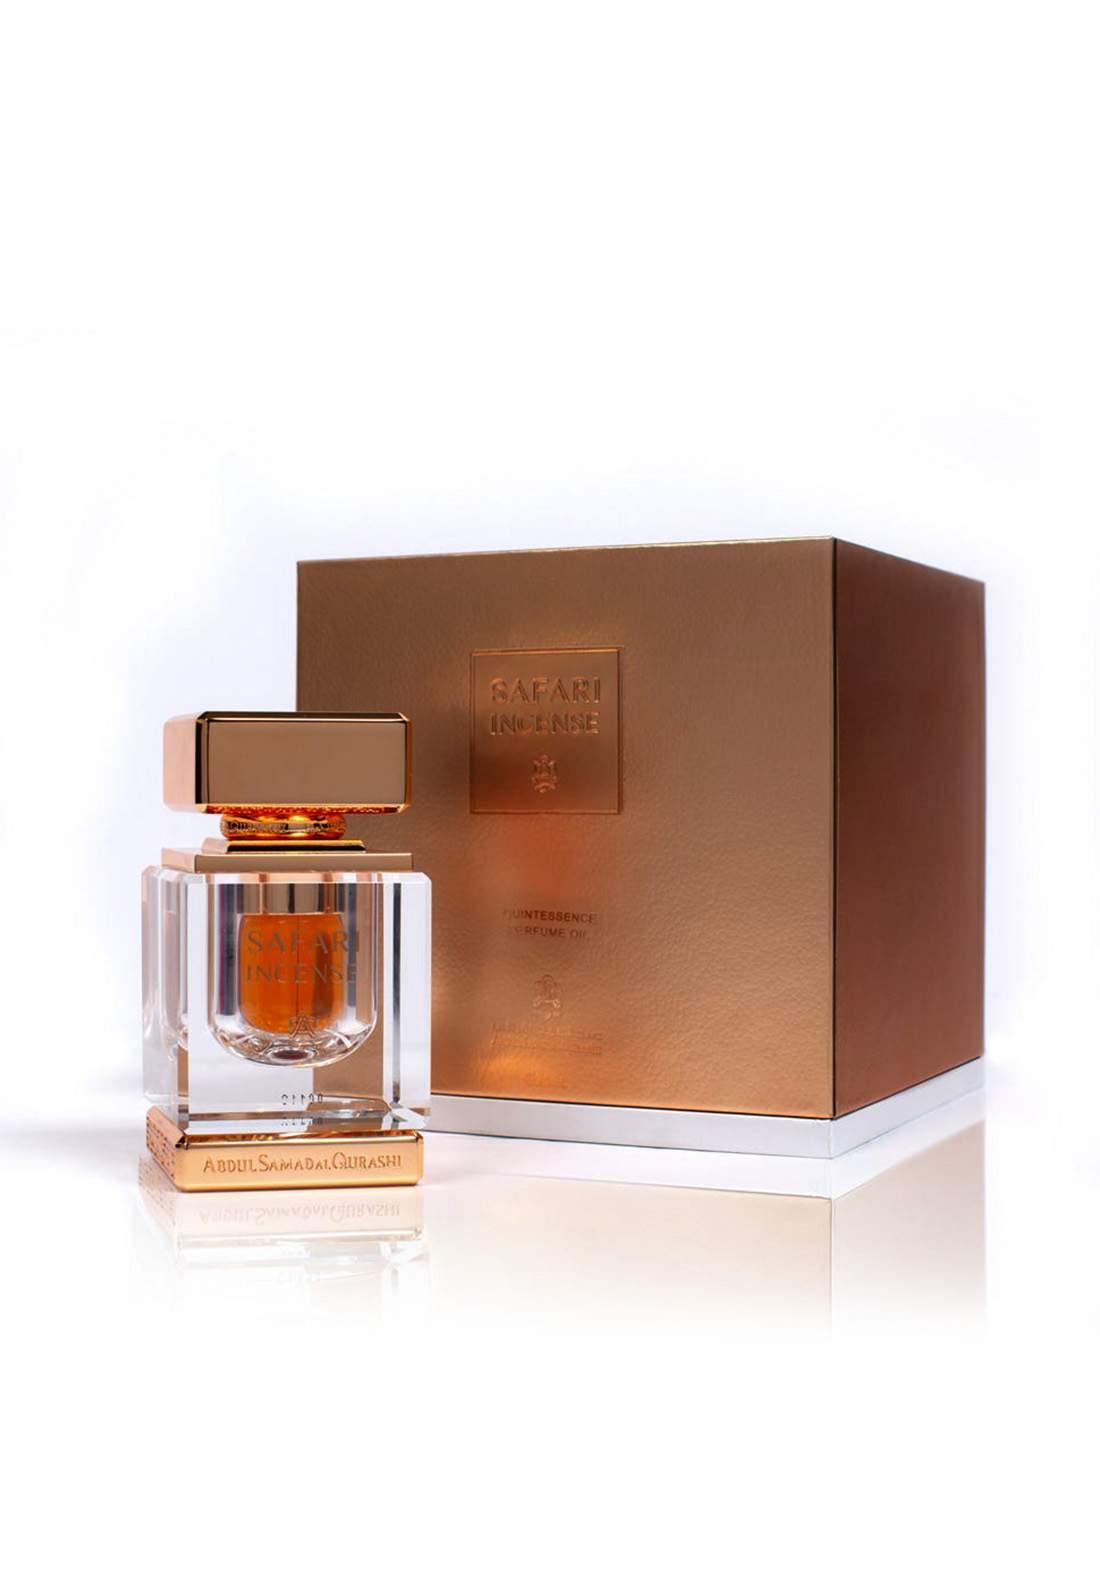 Abdul Samad Al Qurashi 72060 Safari Incense Perfume Oil 30 mlعطر زيتي رجالي ونسائي